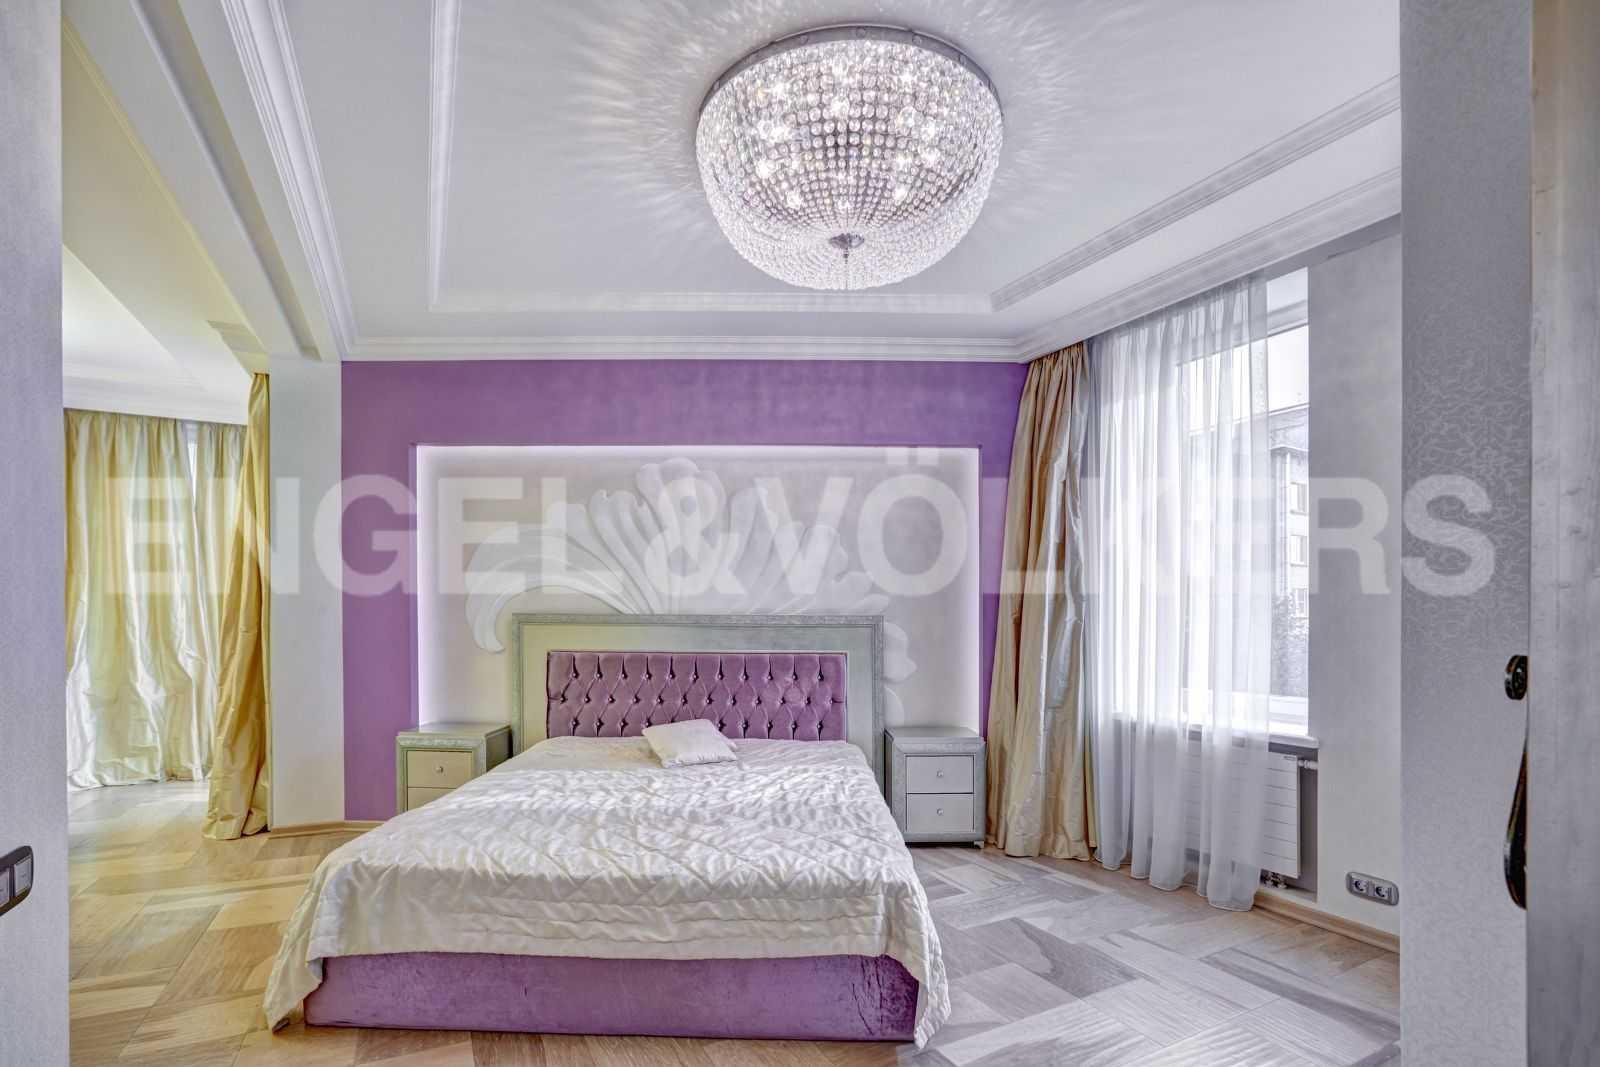 Элитные квартиры в Центральном районе. Санкт-Петербург, Тверская, 1А. Спальня